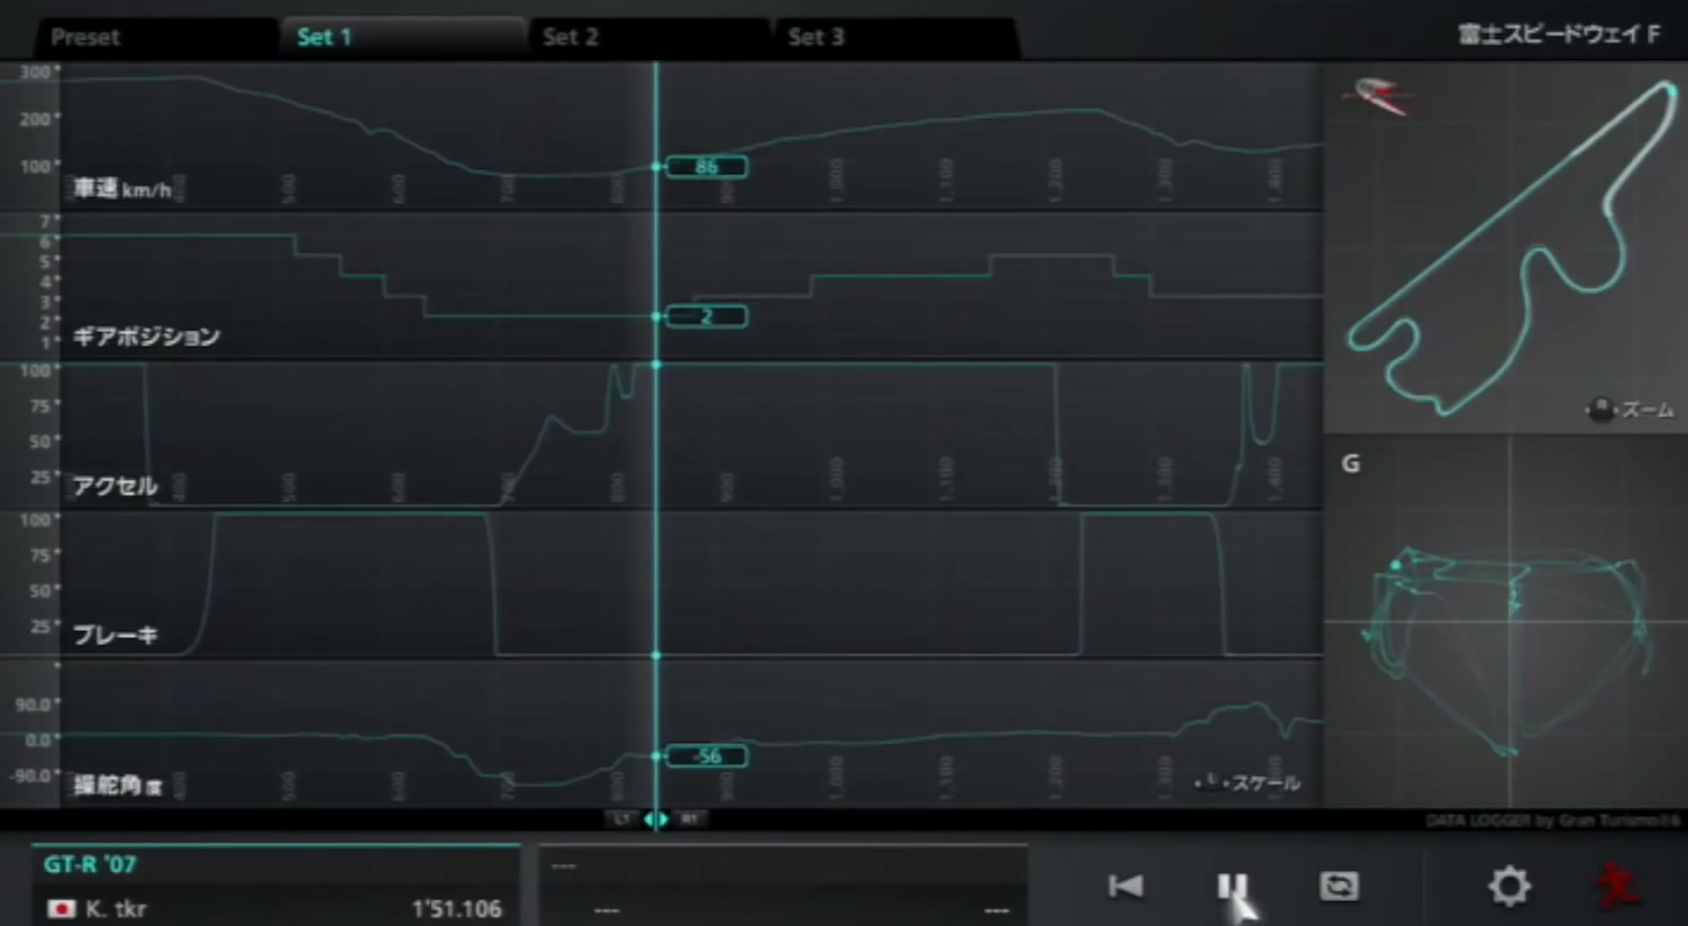 Screen Shot 2014-09-04 at 2.51.49 PM.png